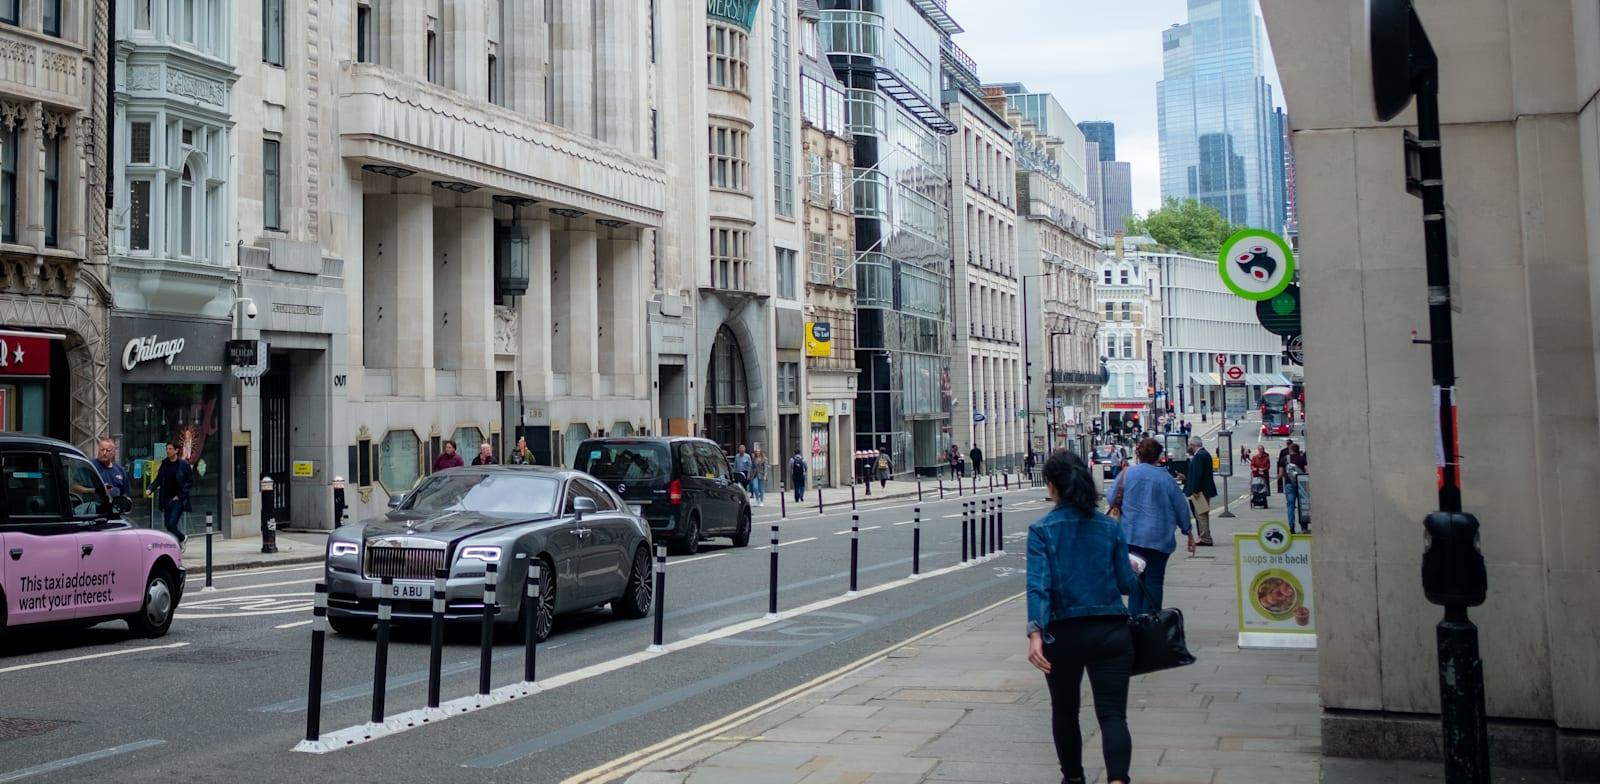 לונדון / צילום: Shutterstock, Willy Barton